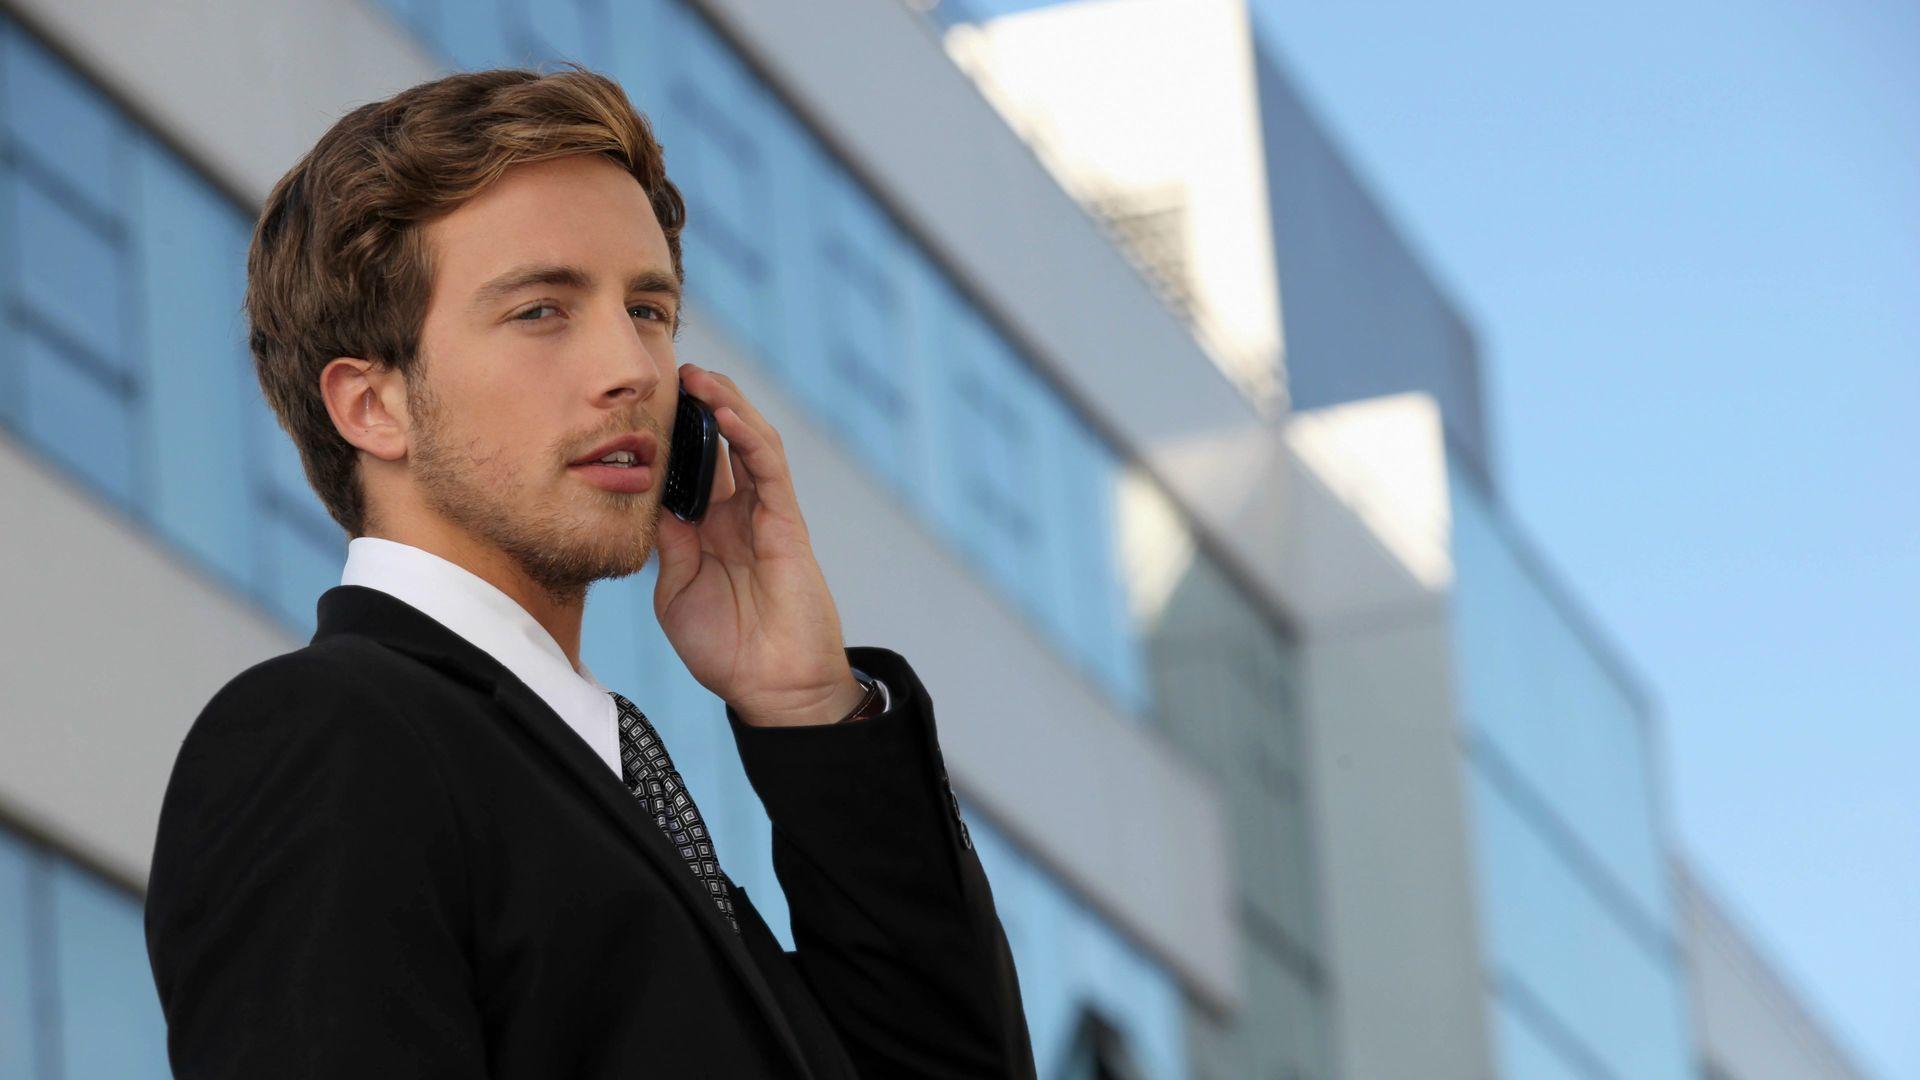 39683880-businessman-wallpapers-business-man